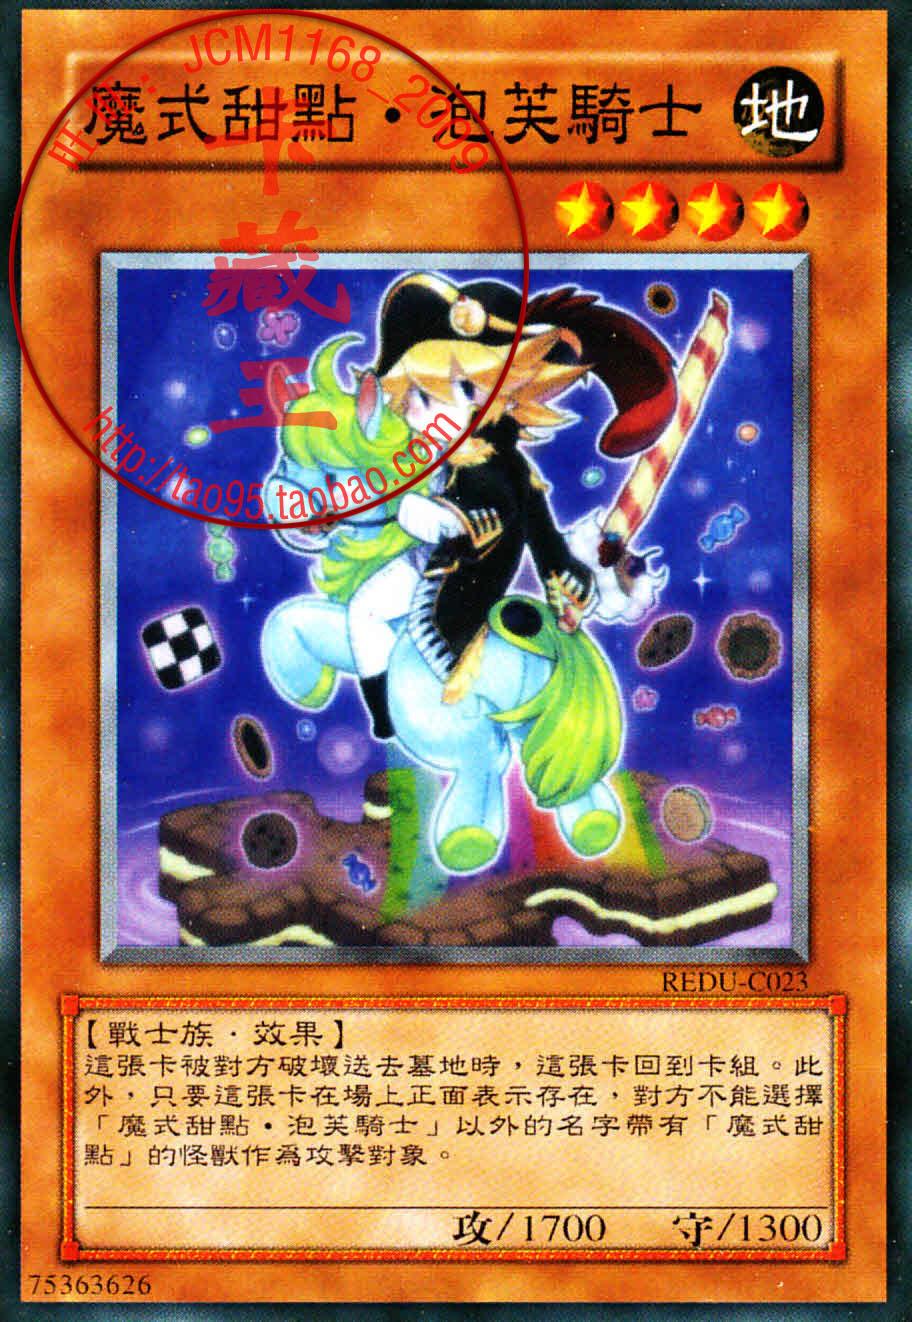 魔式甜点卡组_游戏王卡组大全-求最新的游戏王上位卡组排名